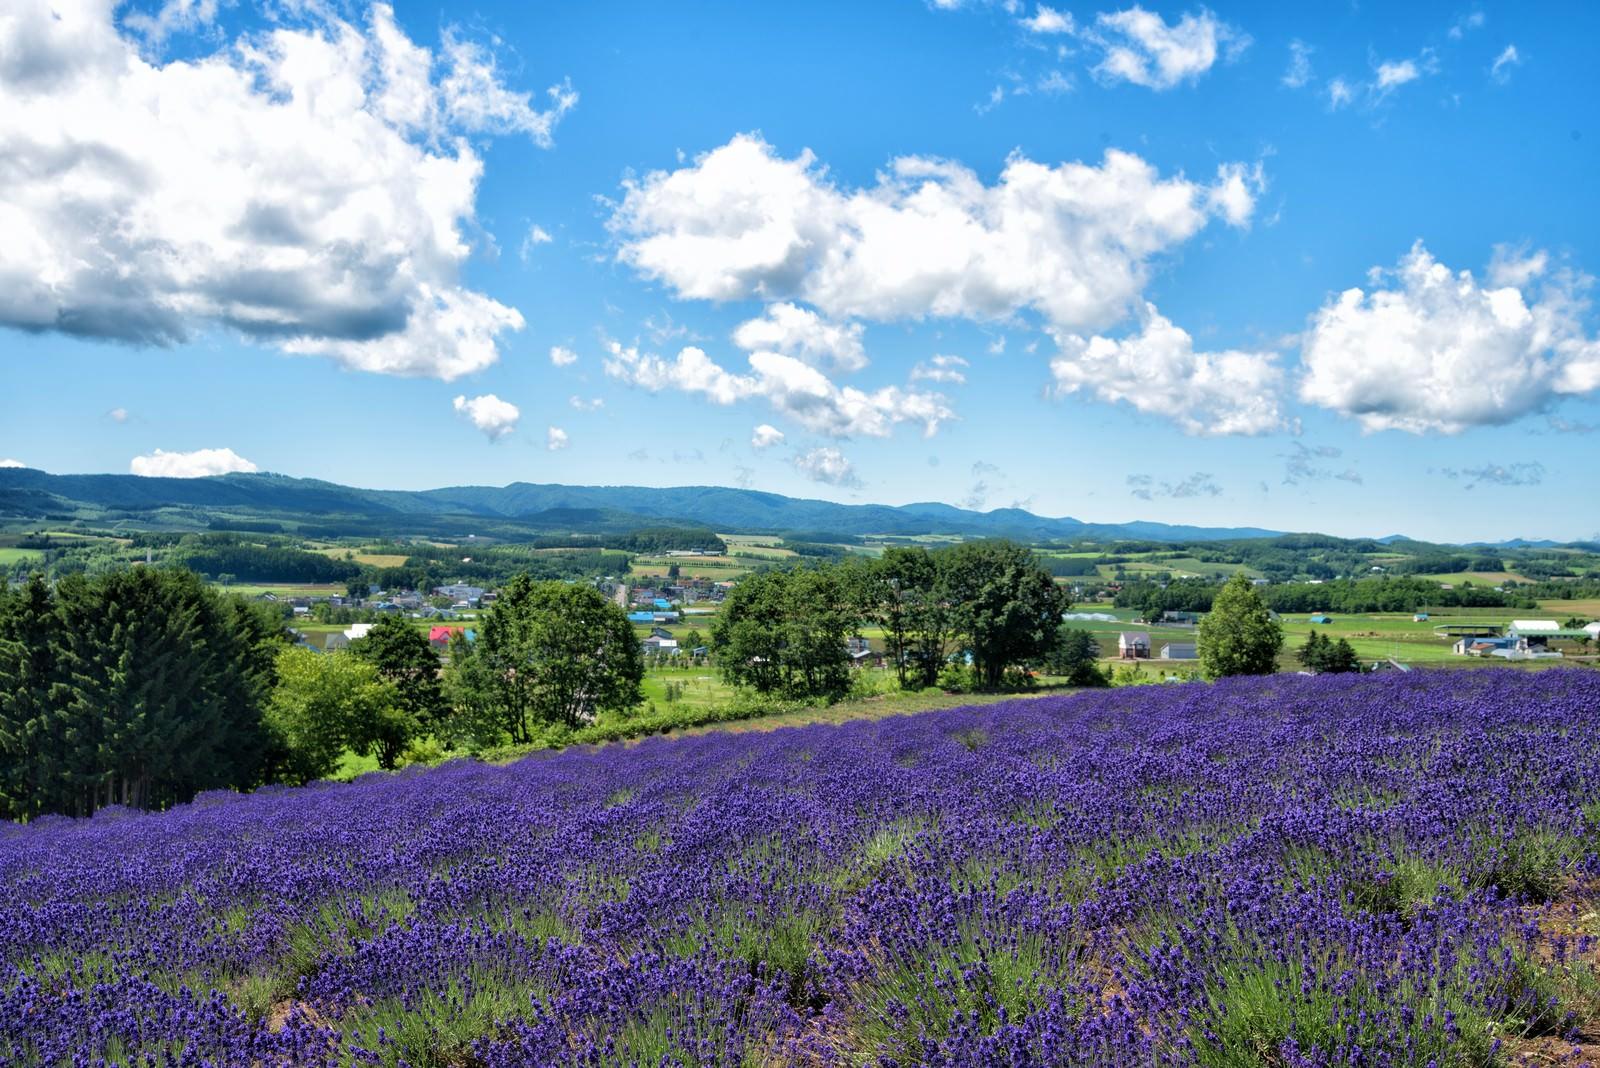 「ラベンダー畑から望む大自然に包まれた町」の写真